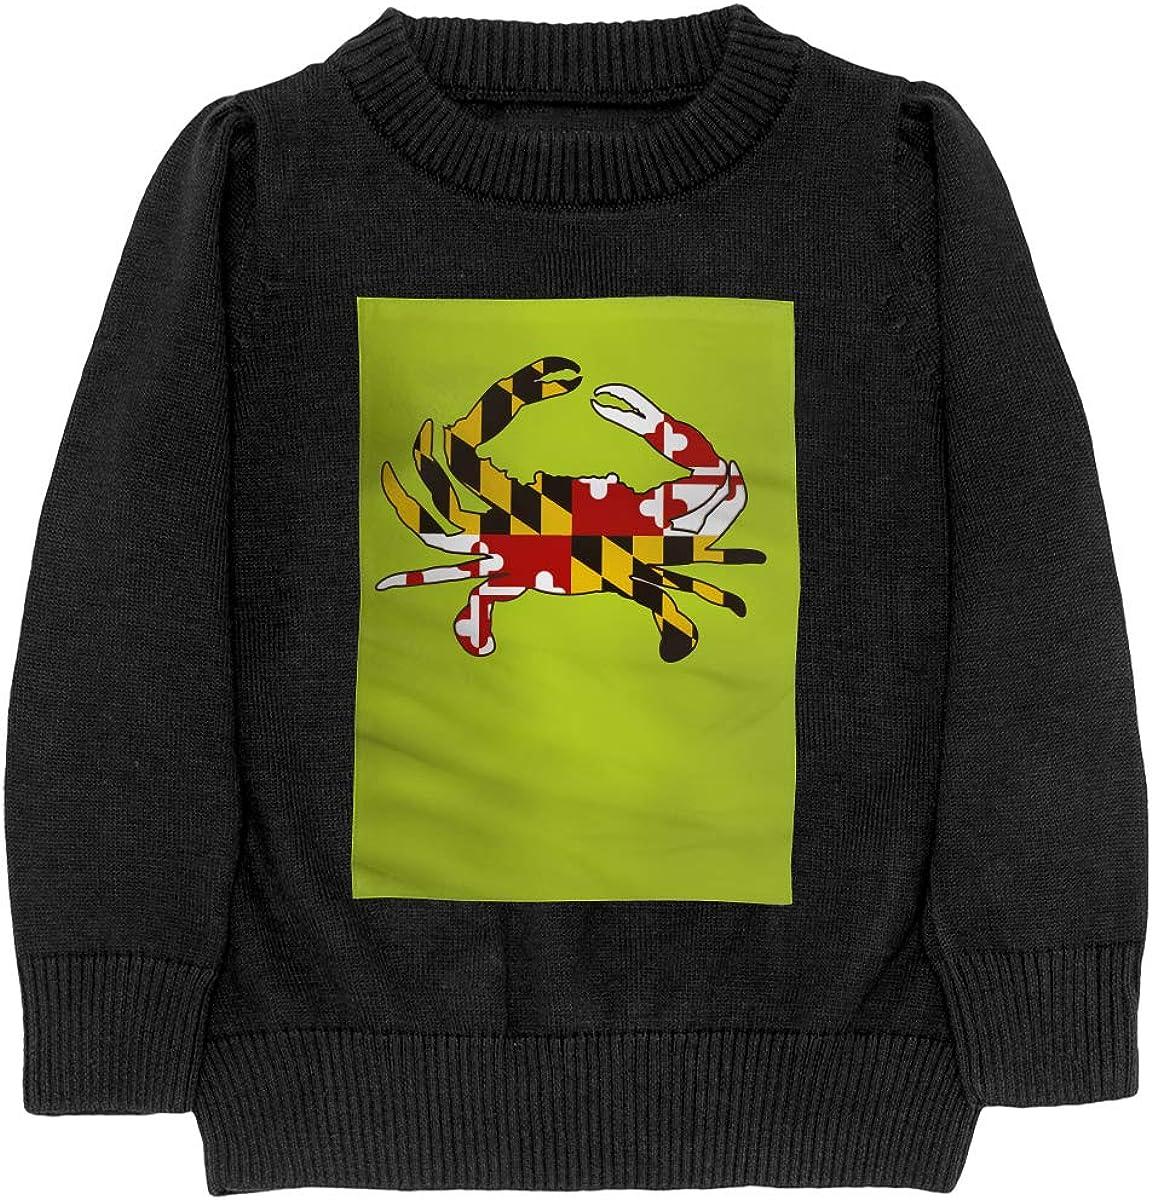 WWTBBJ-B Maryland Flag Crab Style Teenager Boys Girls Unisex Sweater Keep Warm